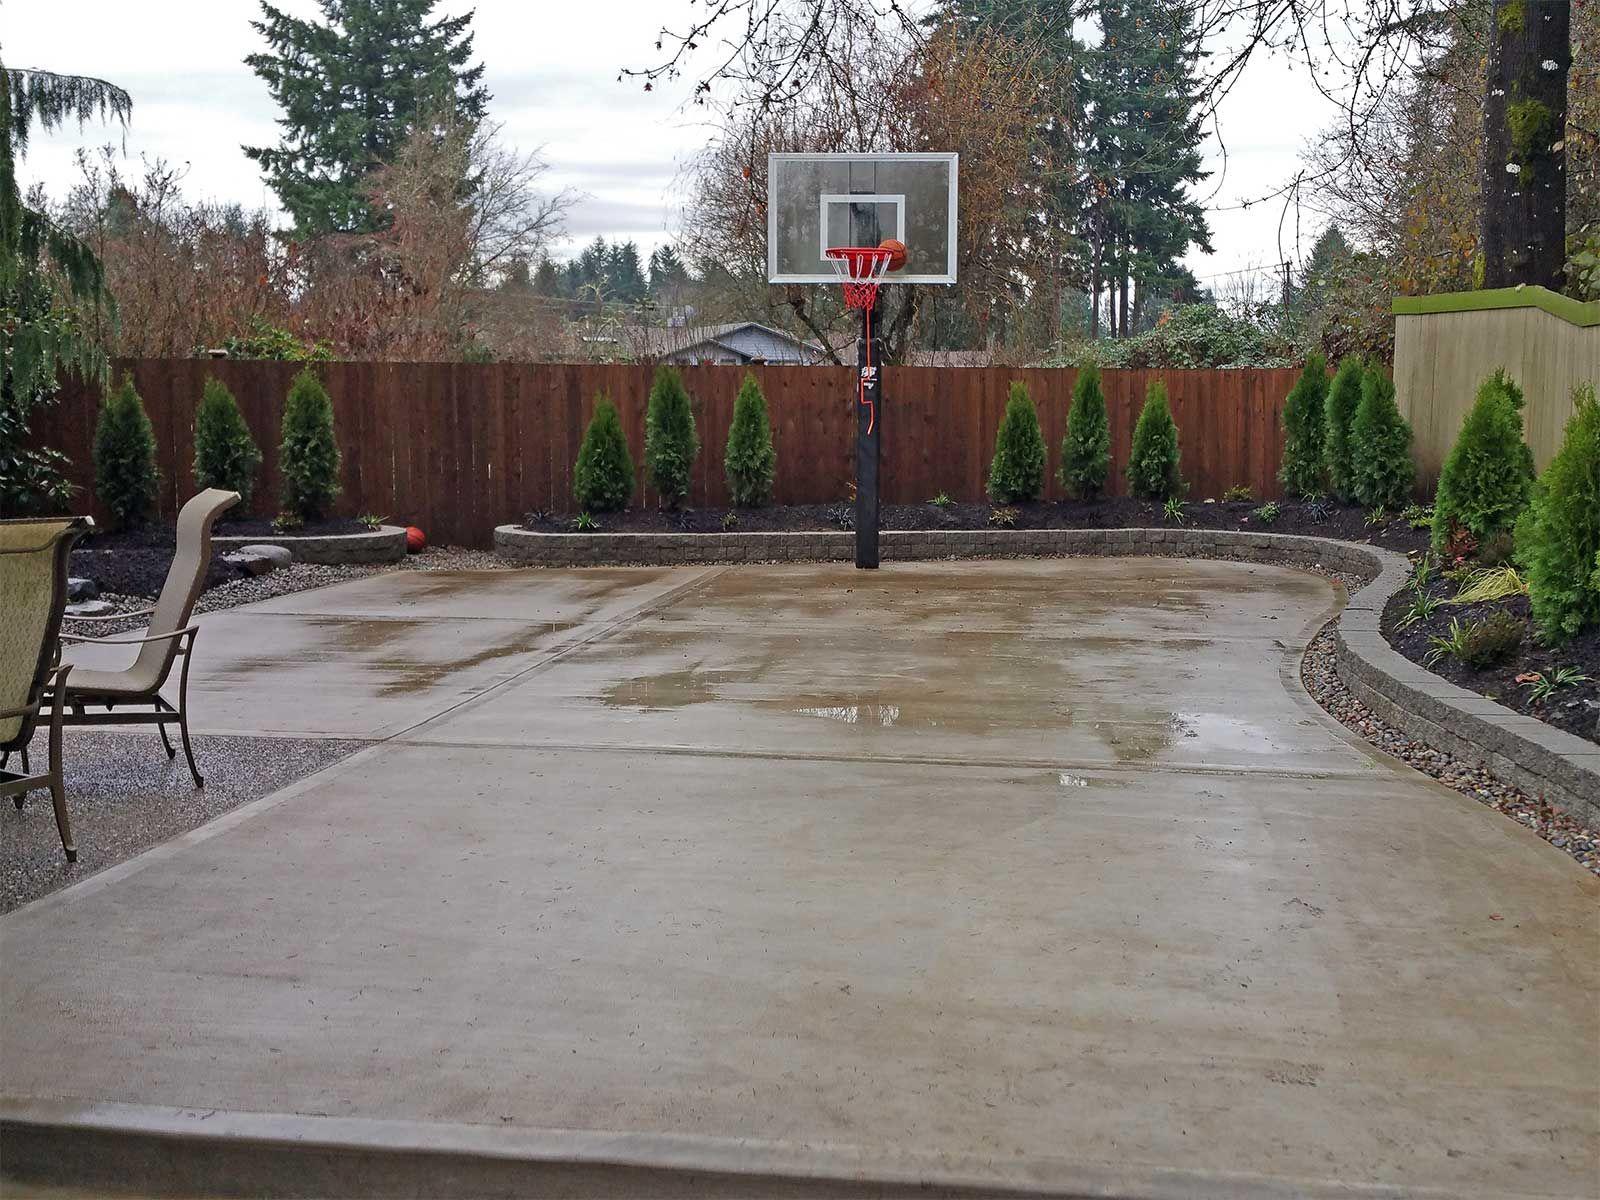 5. Concrete backyard basketball court via Simphome.com